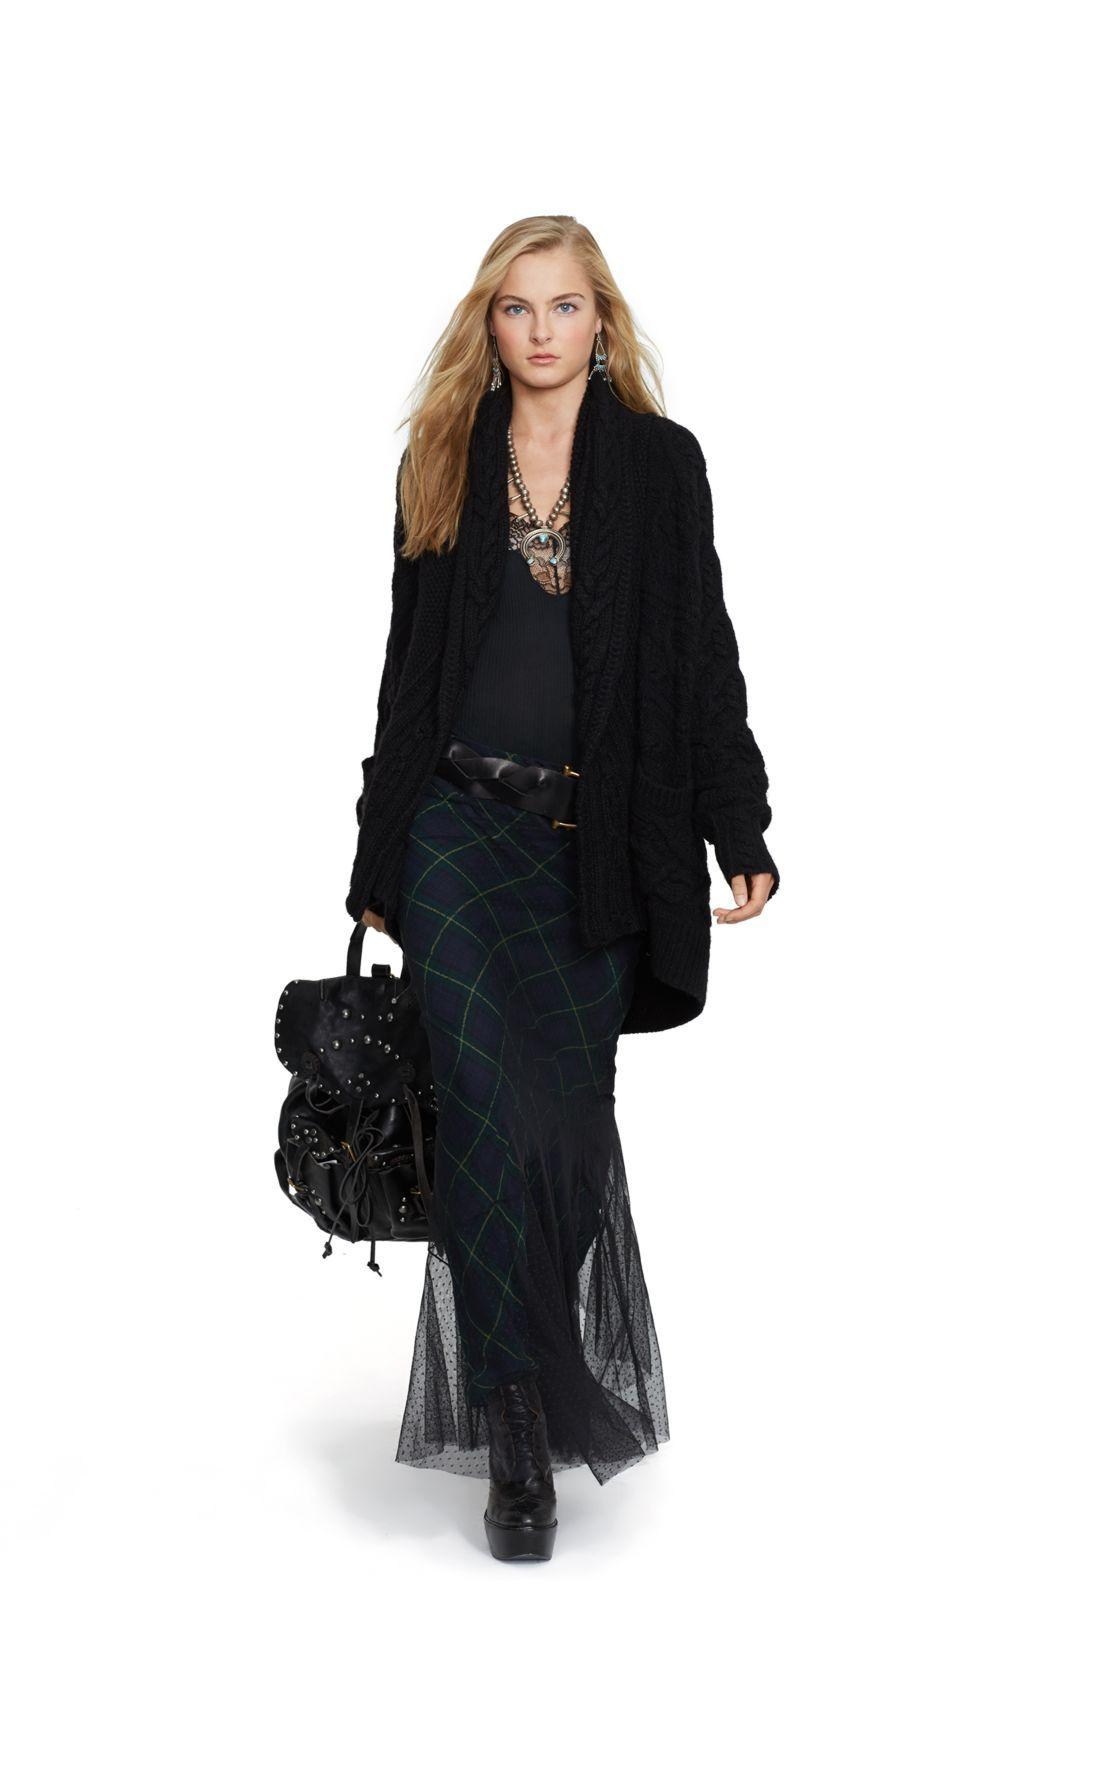 e45c8b1d6 Tulle-Overlay Tartan Maxiskirt - Long Skirts Skirts - RalphLauren.com